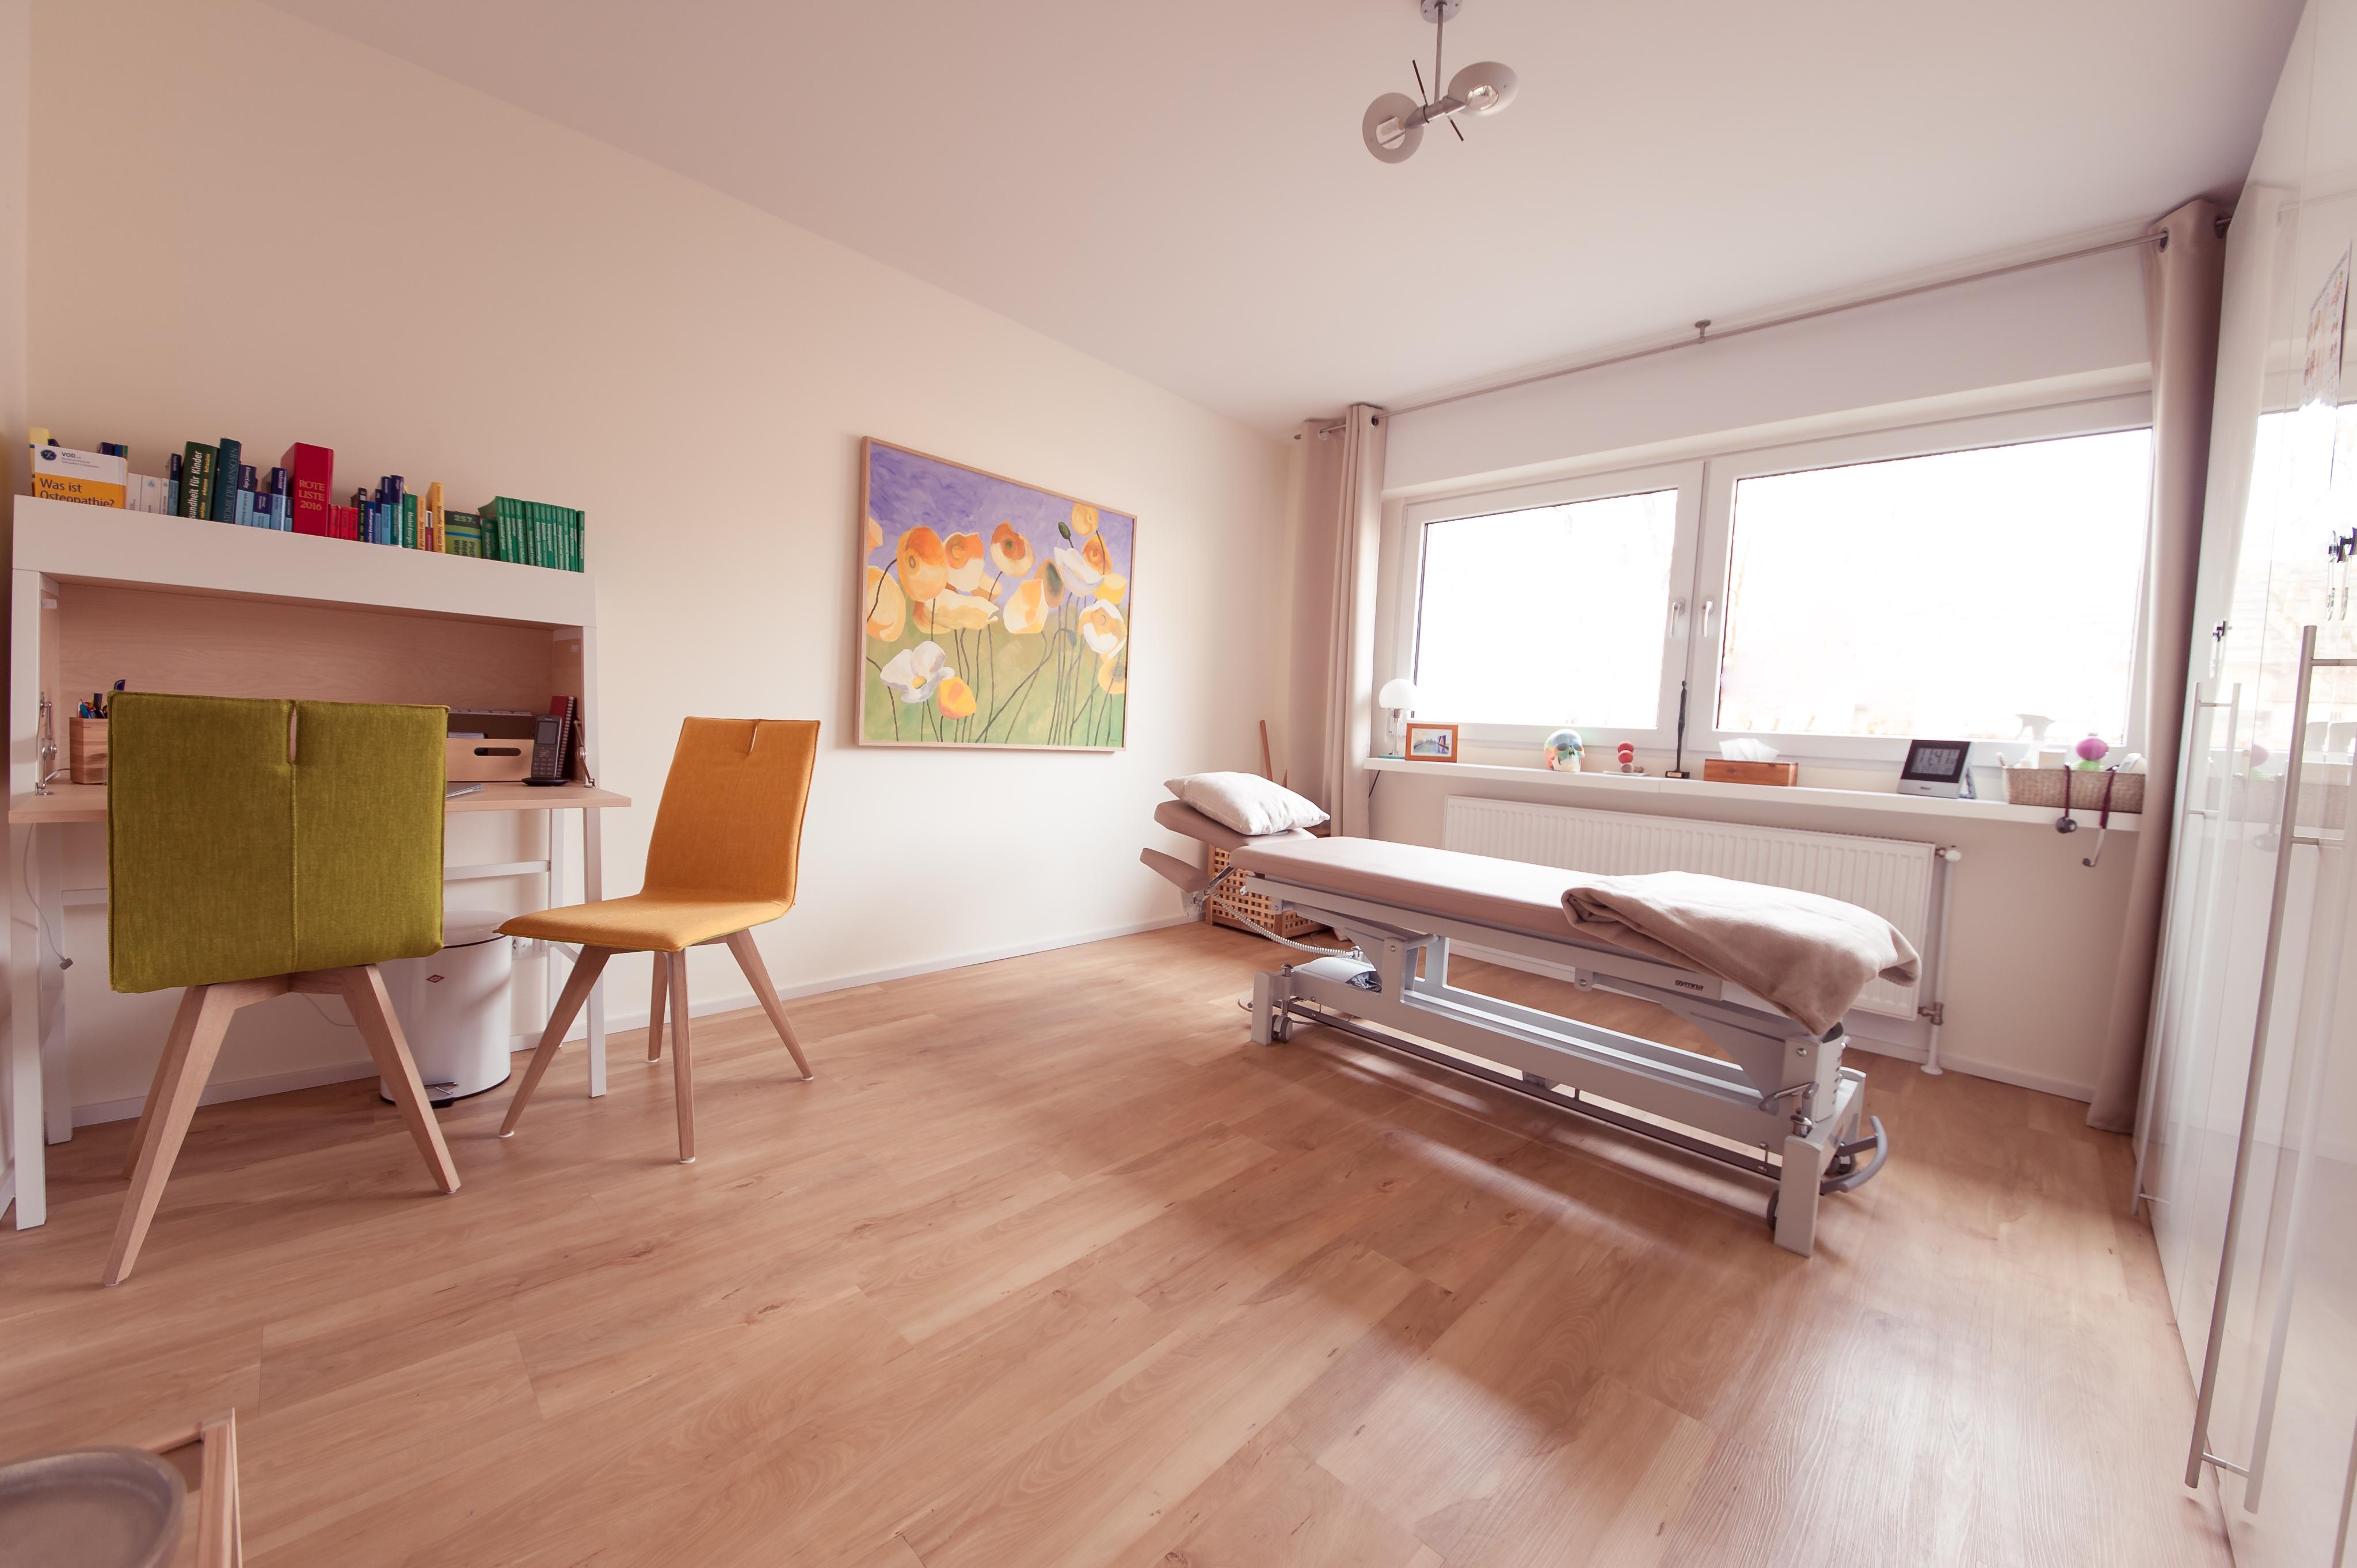 impressum osteopathie praxis dreieich ivy wahl heilpraktikerin. Black Bedroom Furniture Sets. Home Design Ideas